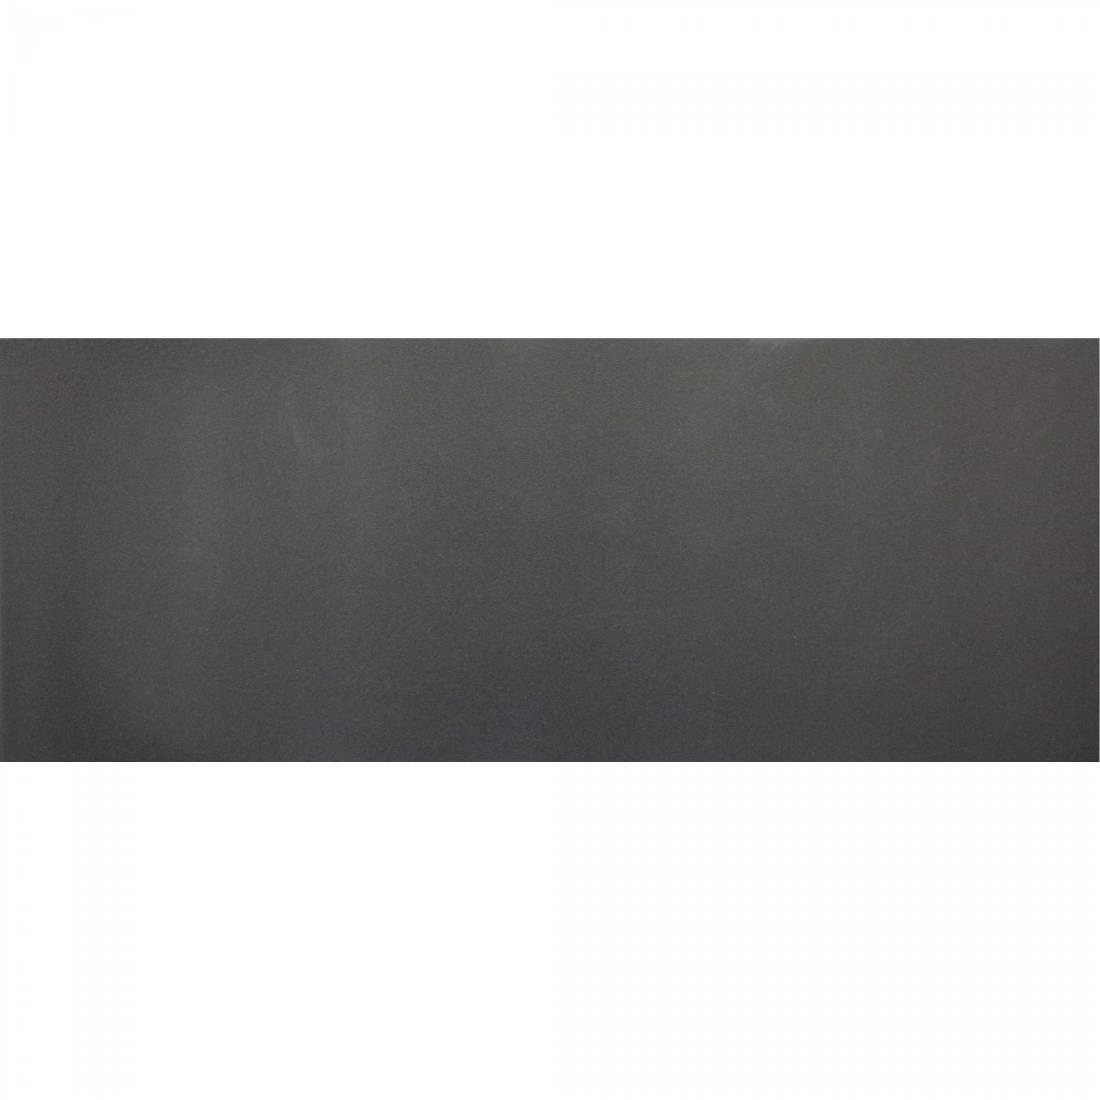 Kaftan 20x50 Black Matt 1